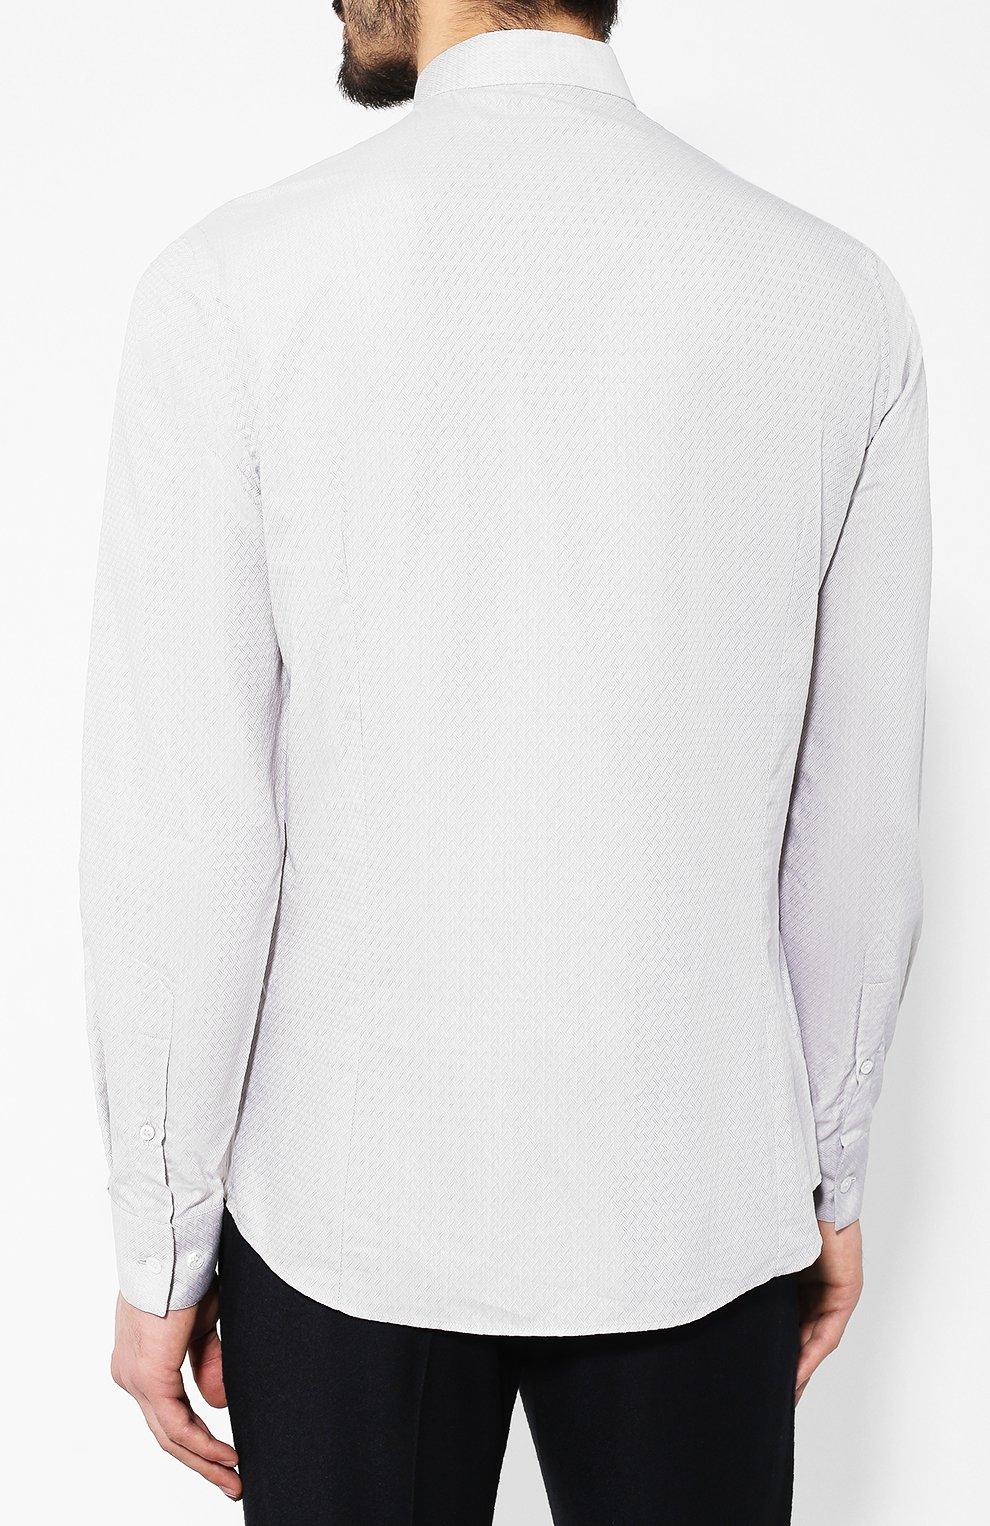 Мужская хлопковая рубашка с воротником мандарин GIORGIO ARMANI серого цвета, арт. 9SGCCZ10/TZ211 | Фото 4